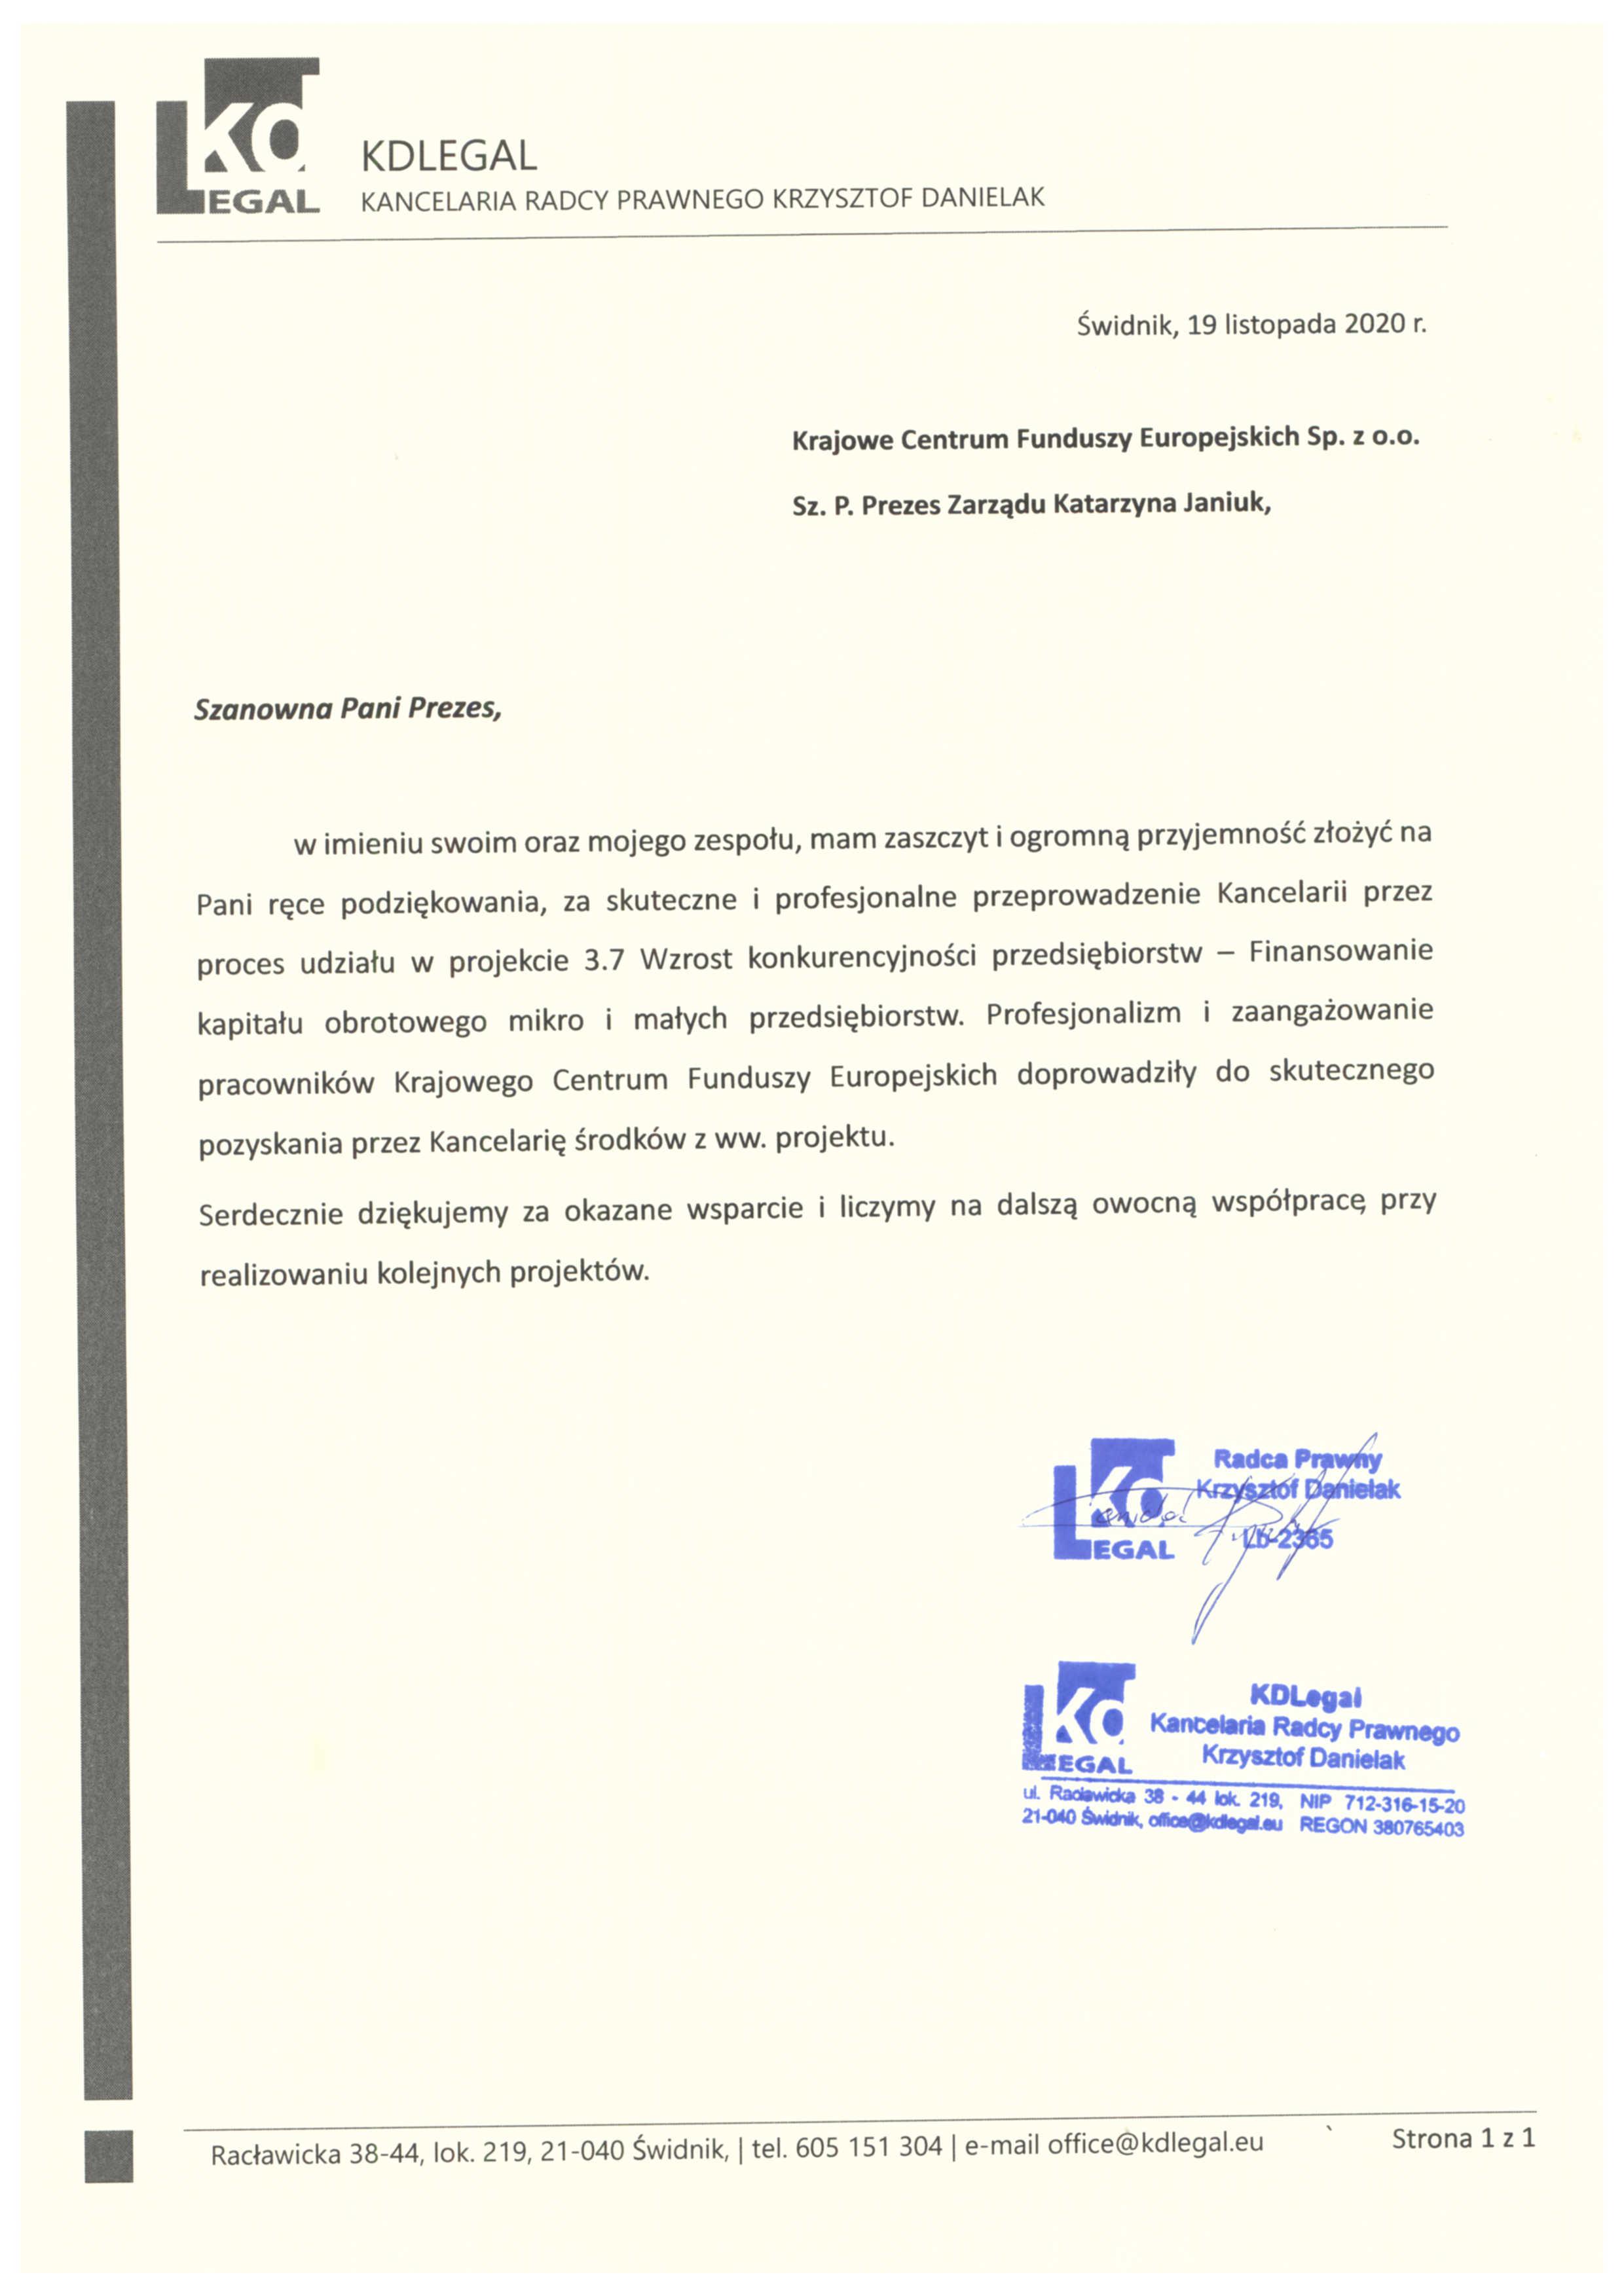 Referencje KDLEGAL 19.11.2020 JPG